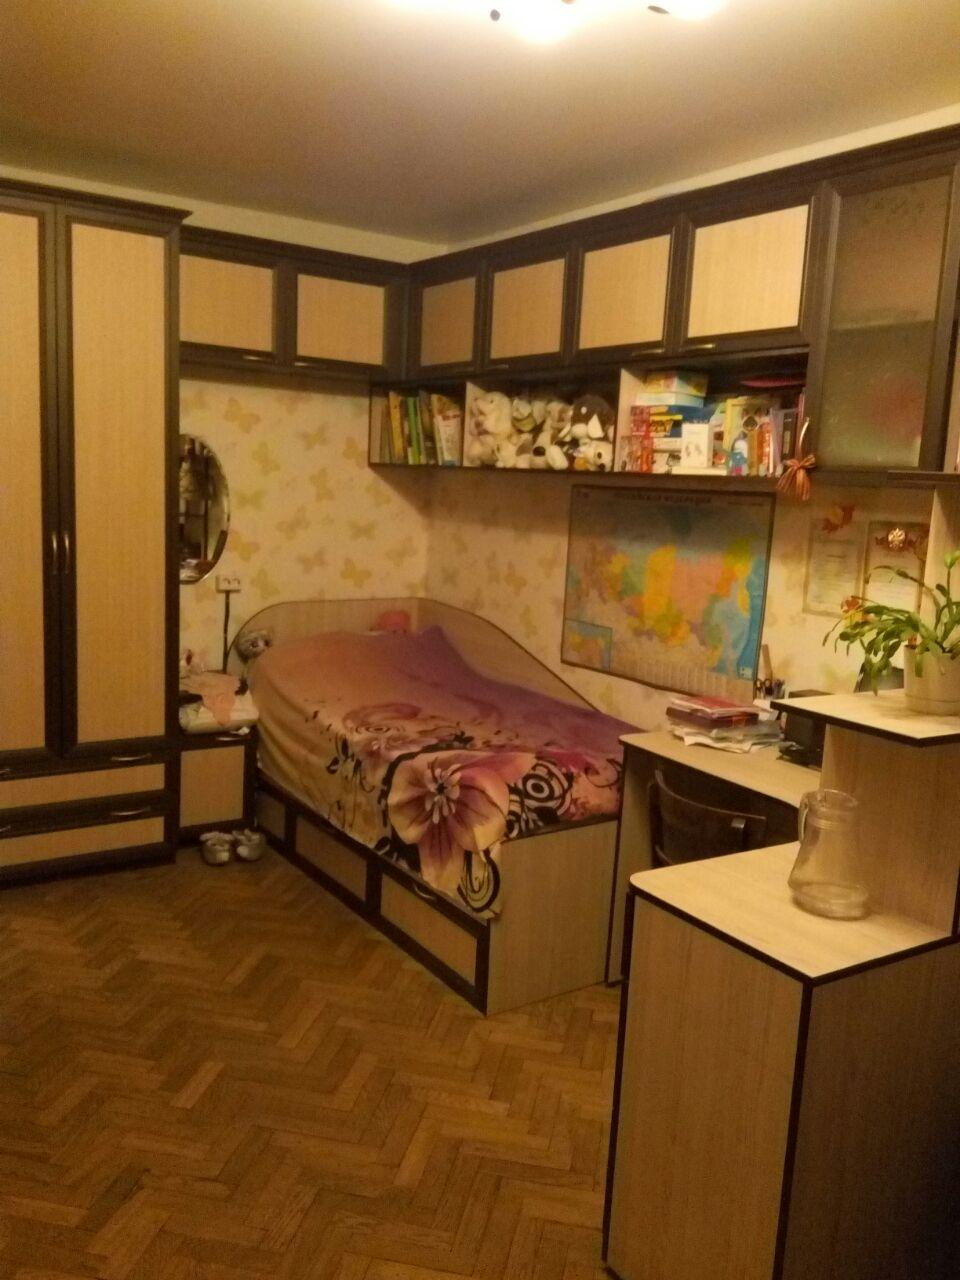 5f961ad4e7acd Санкт-Петербург, ул. Кубинская, 14 - продажа 1-комнатной квартиры 31 кв.м.